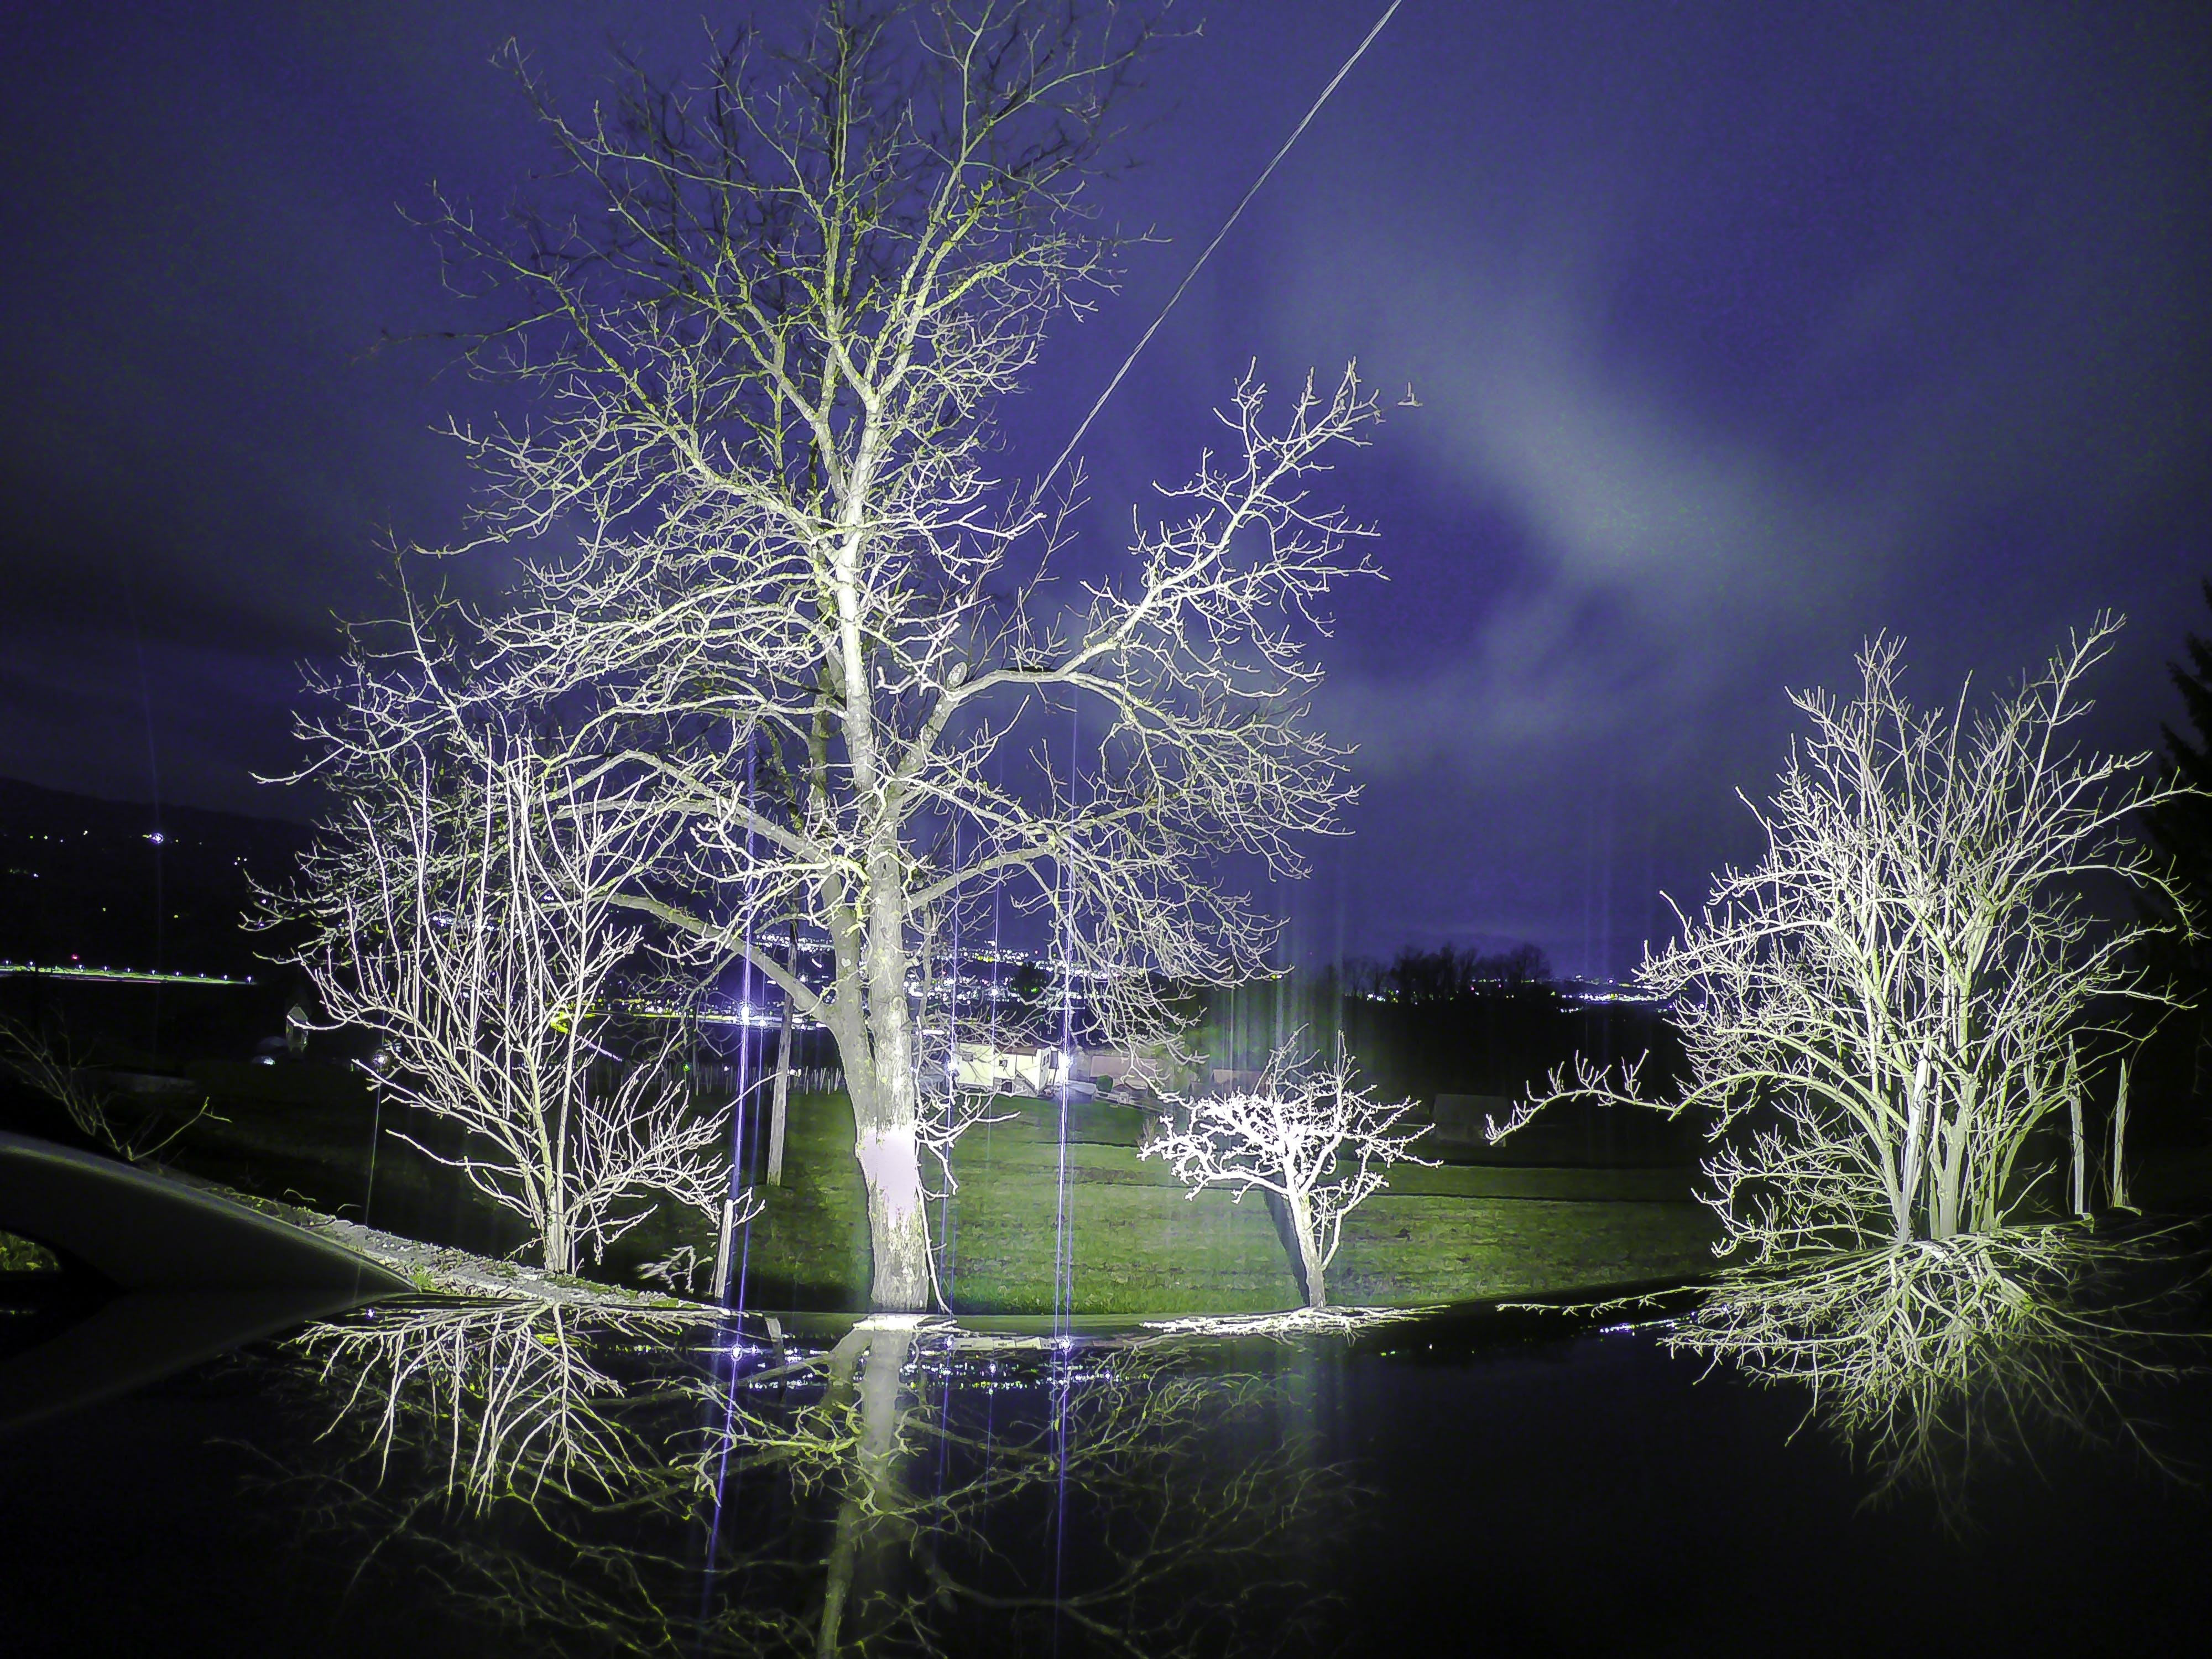 Free stock photo of night, sky, tree